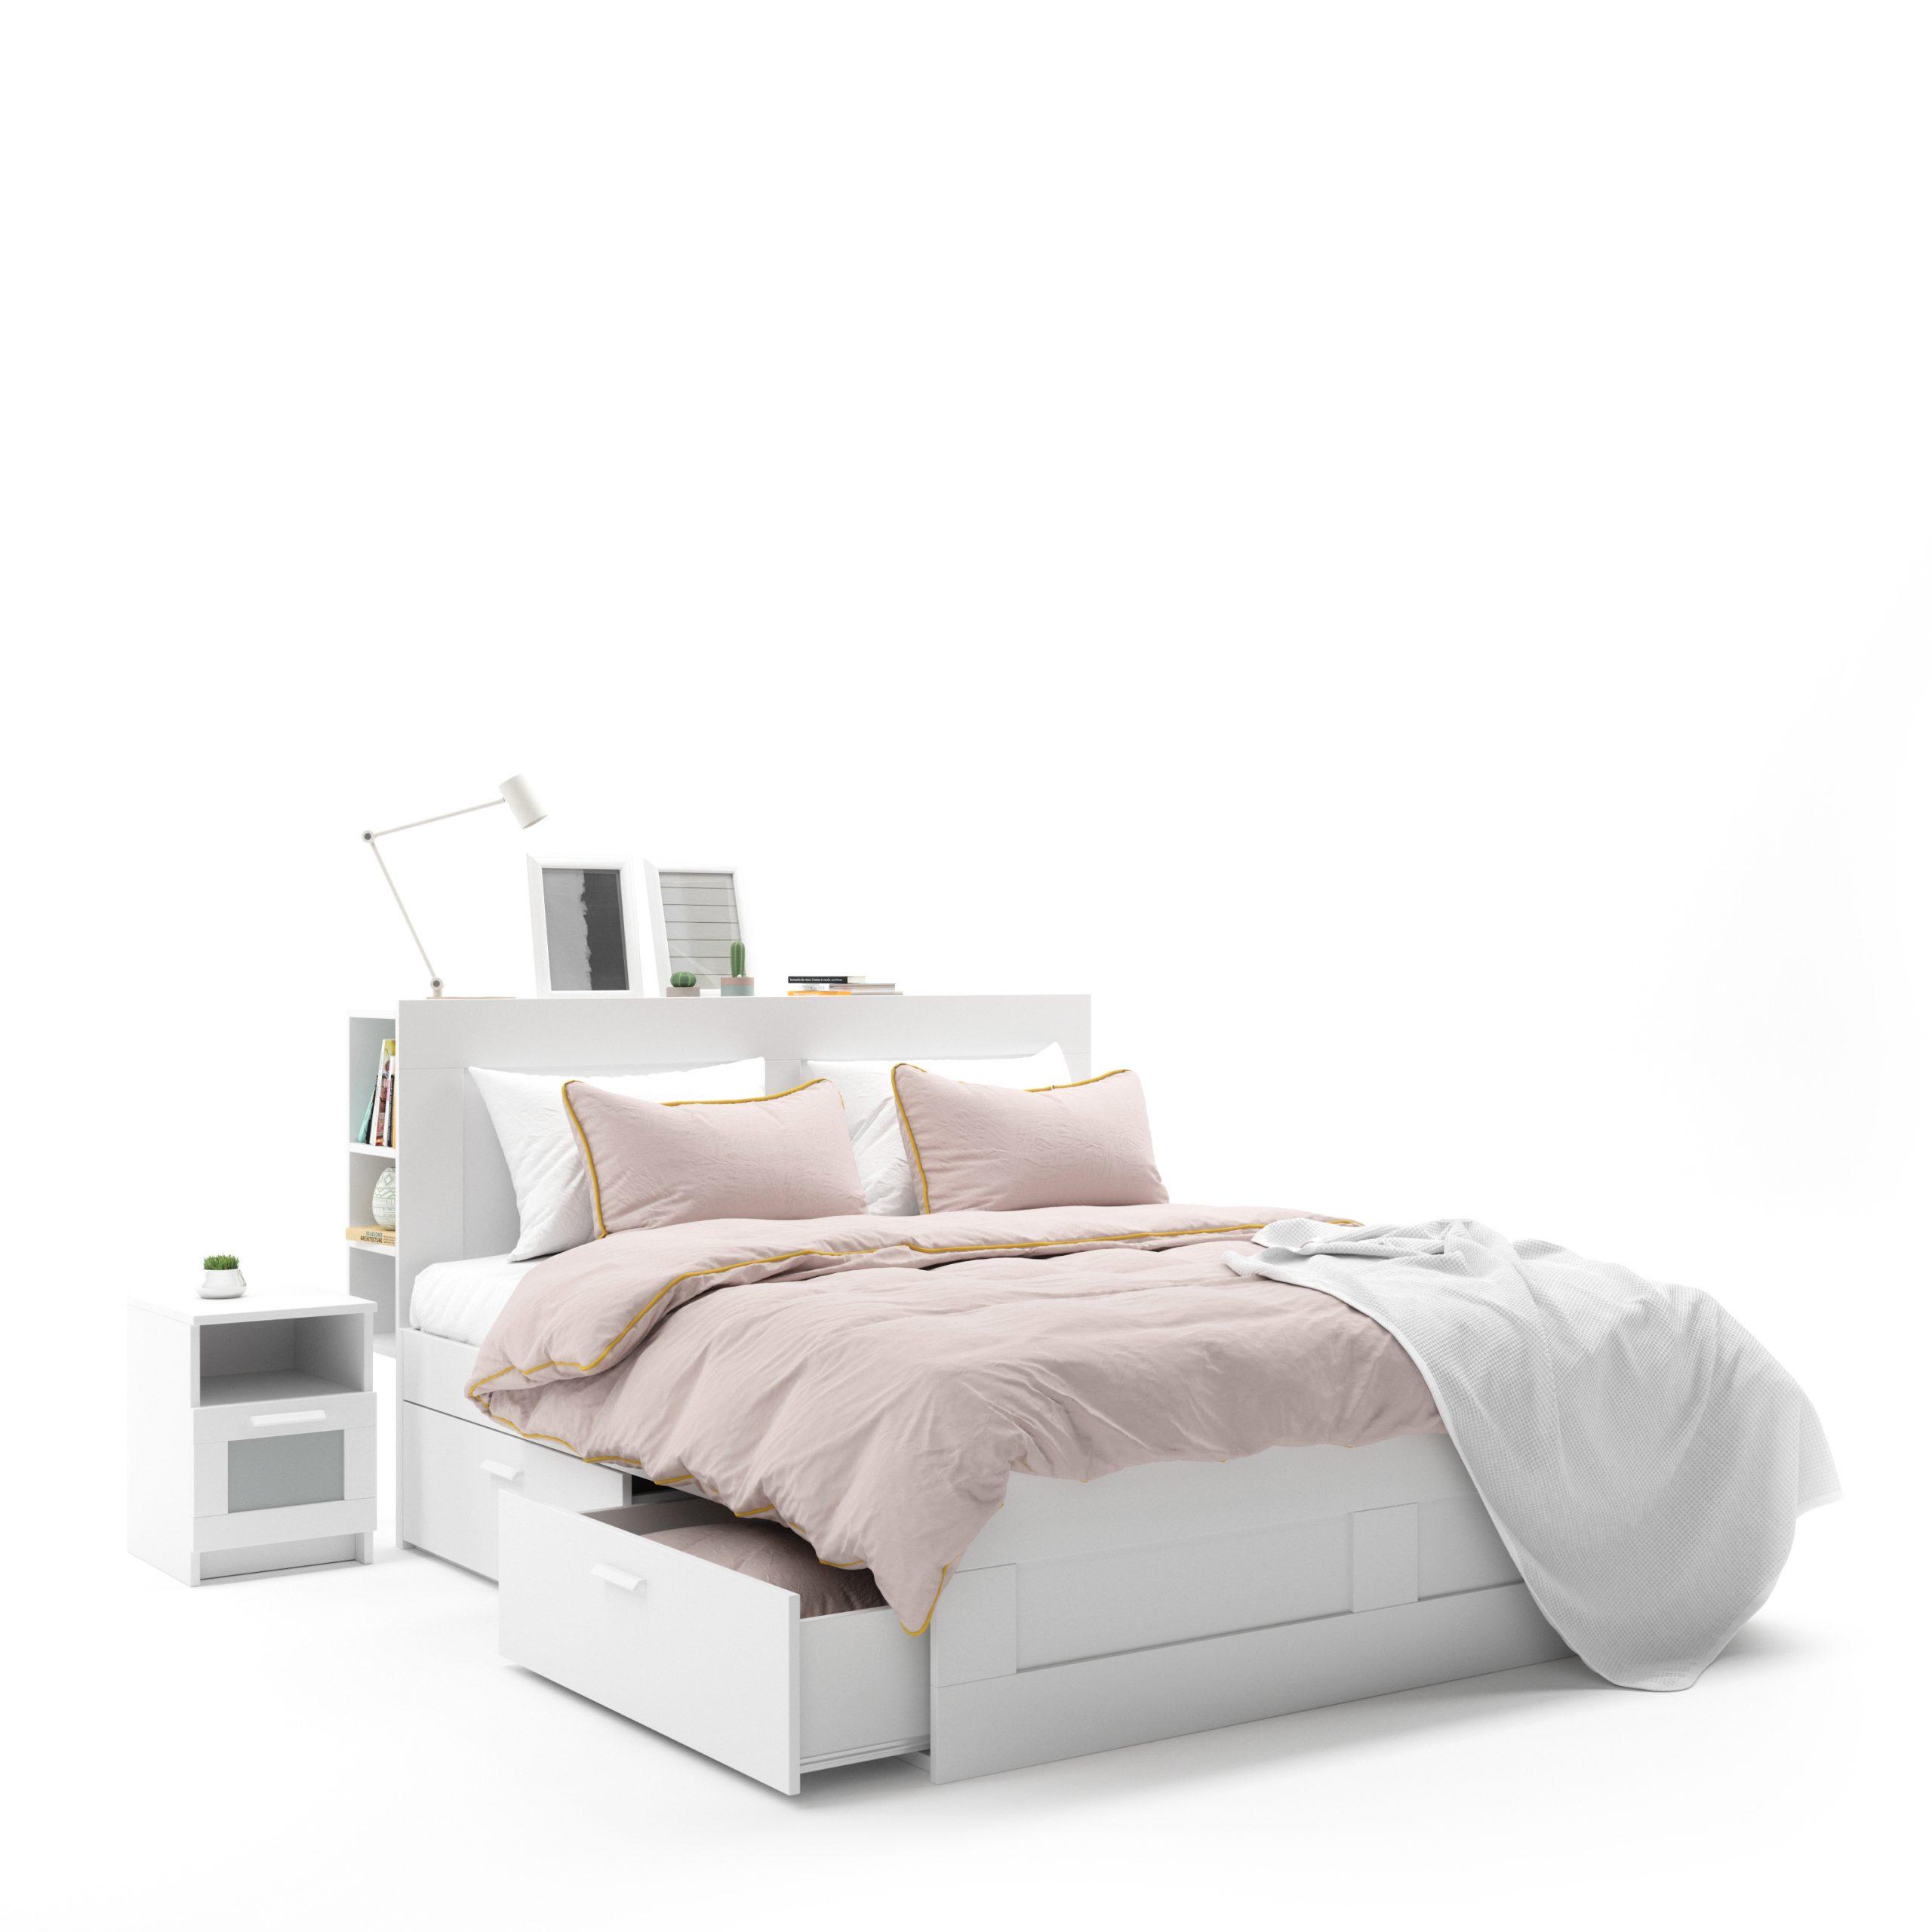 Full Size of Weißes Bett Ikea Brimnes Weies 3d Modell Turbosquid 1493723 Ausklappbares Podest Tojo V Badewanne Bette Betten Mit Schubladen Aufbewahrung Inkontinenzeinlagen Bett Weißes Bett